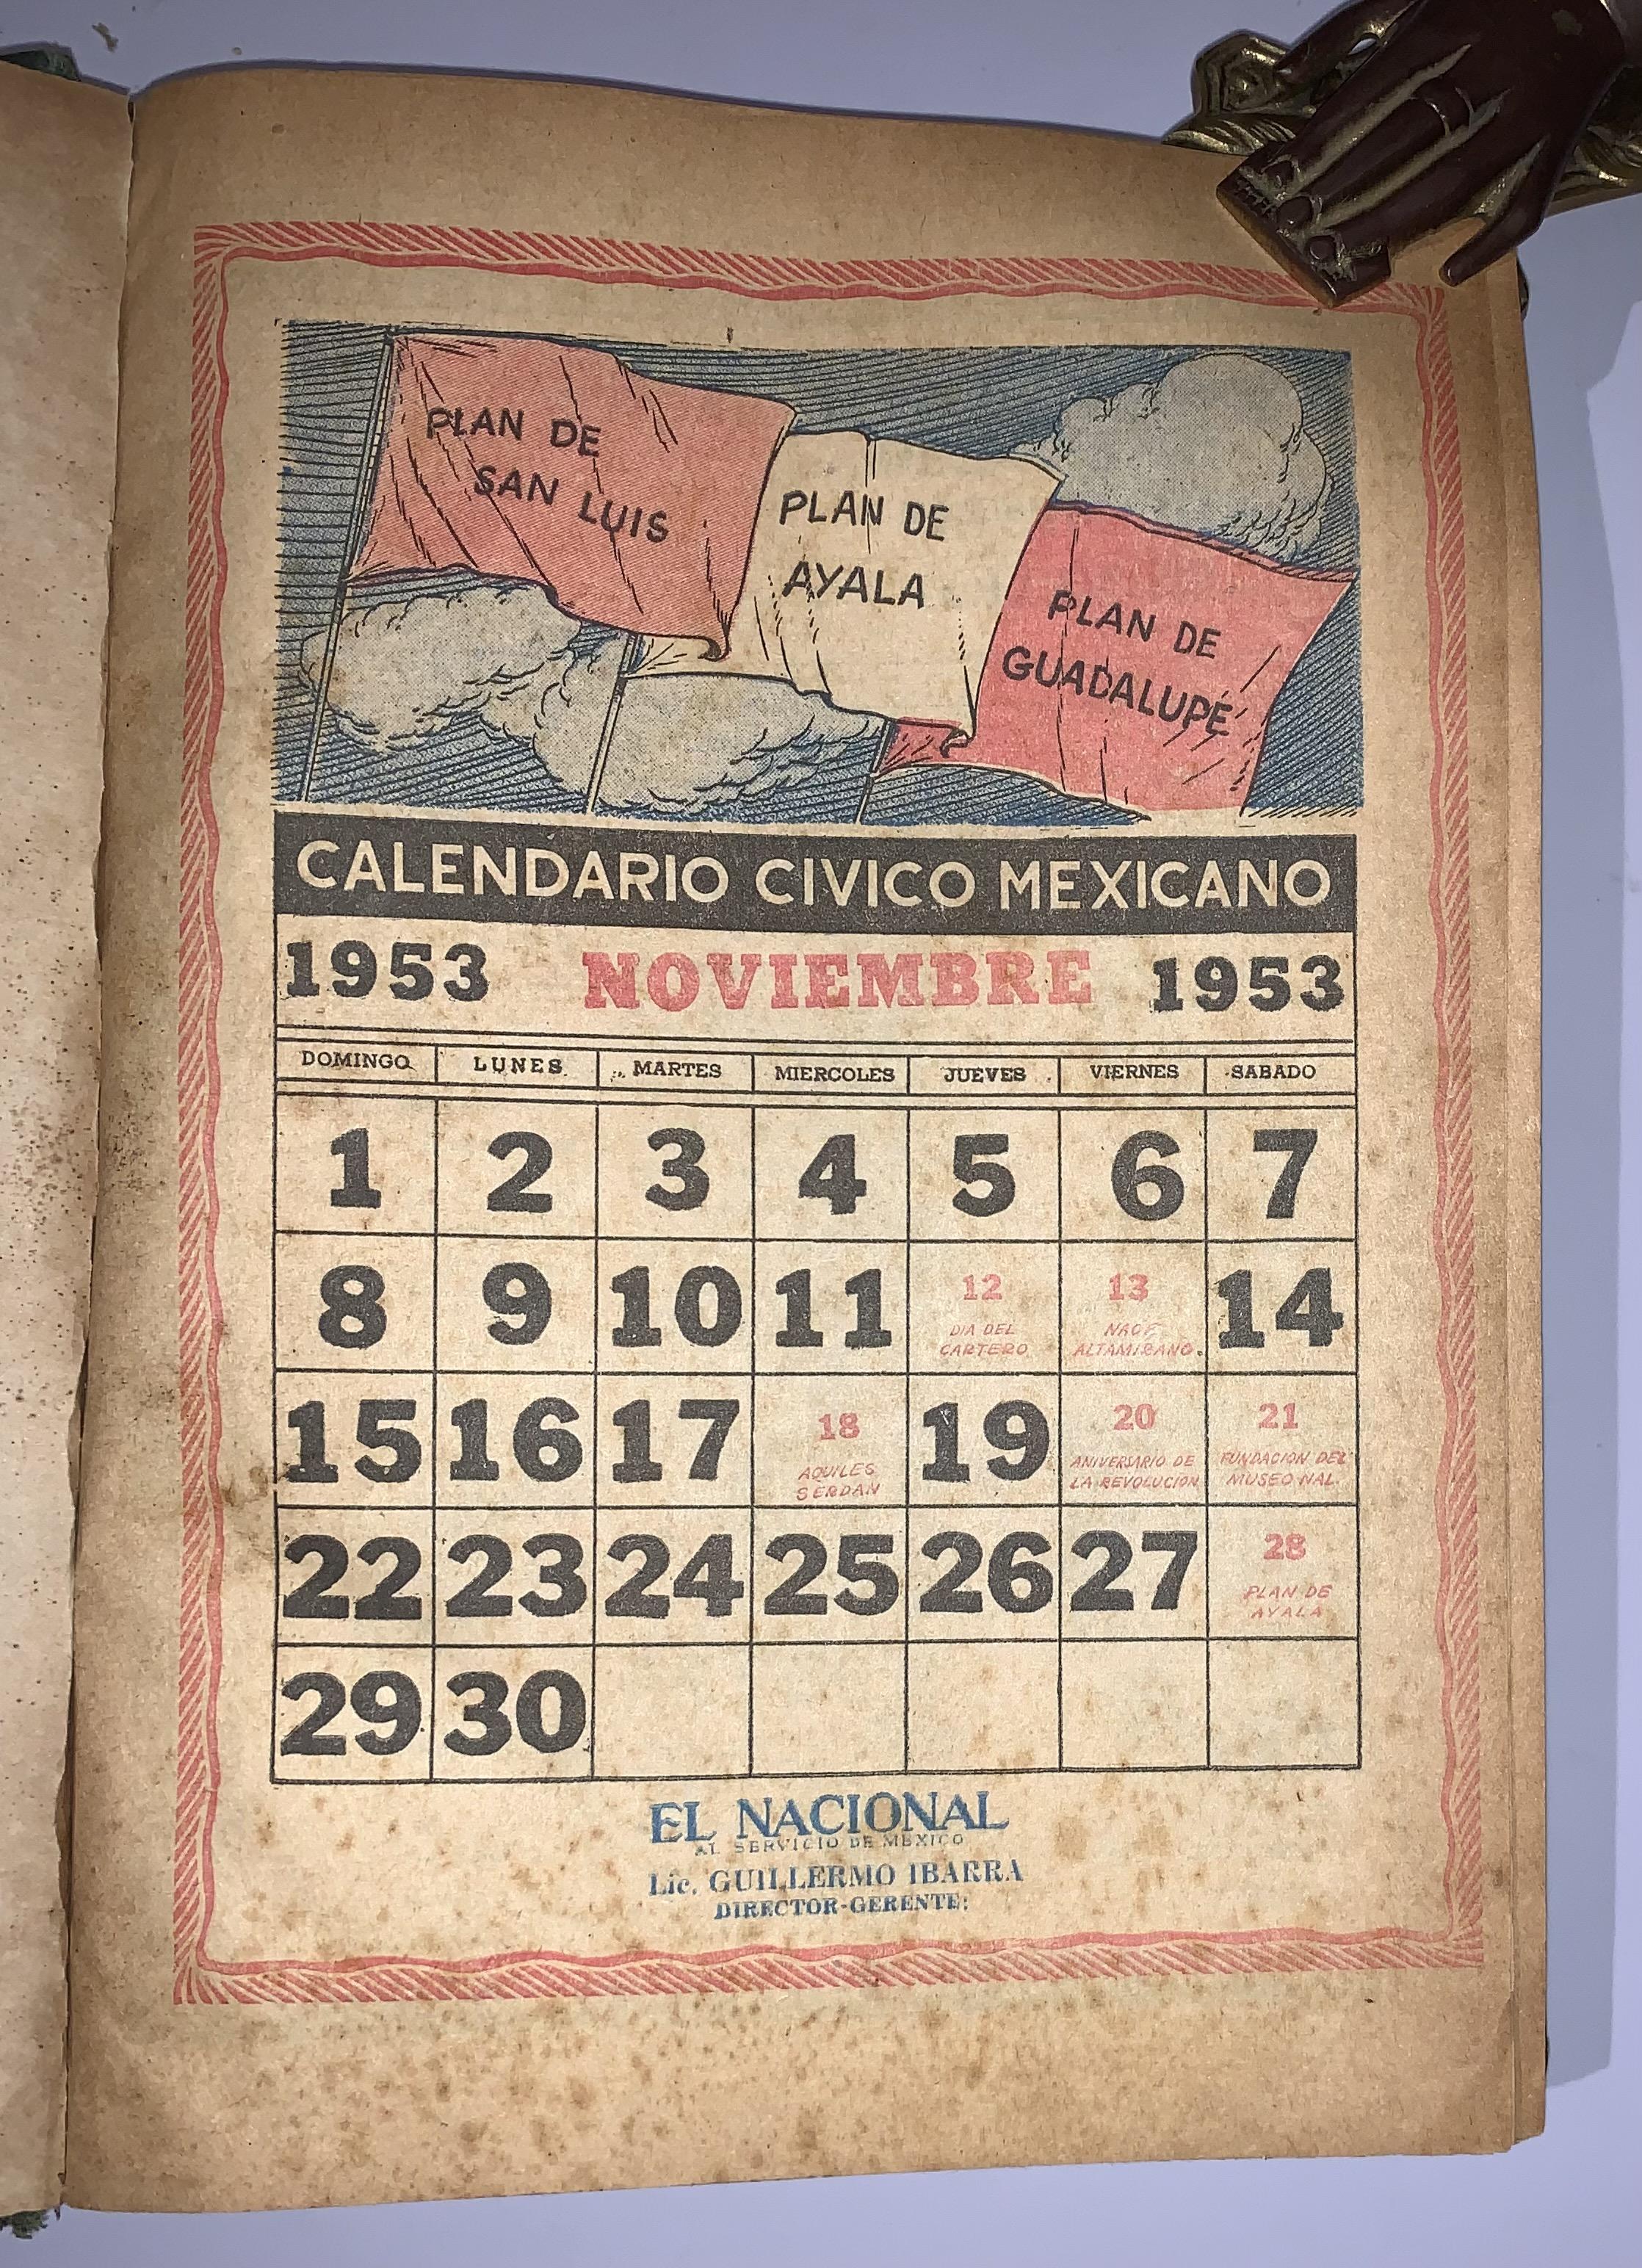 Calendario 1958.Calendario Civico Mexicano Noviembre 1953 A